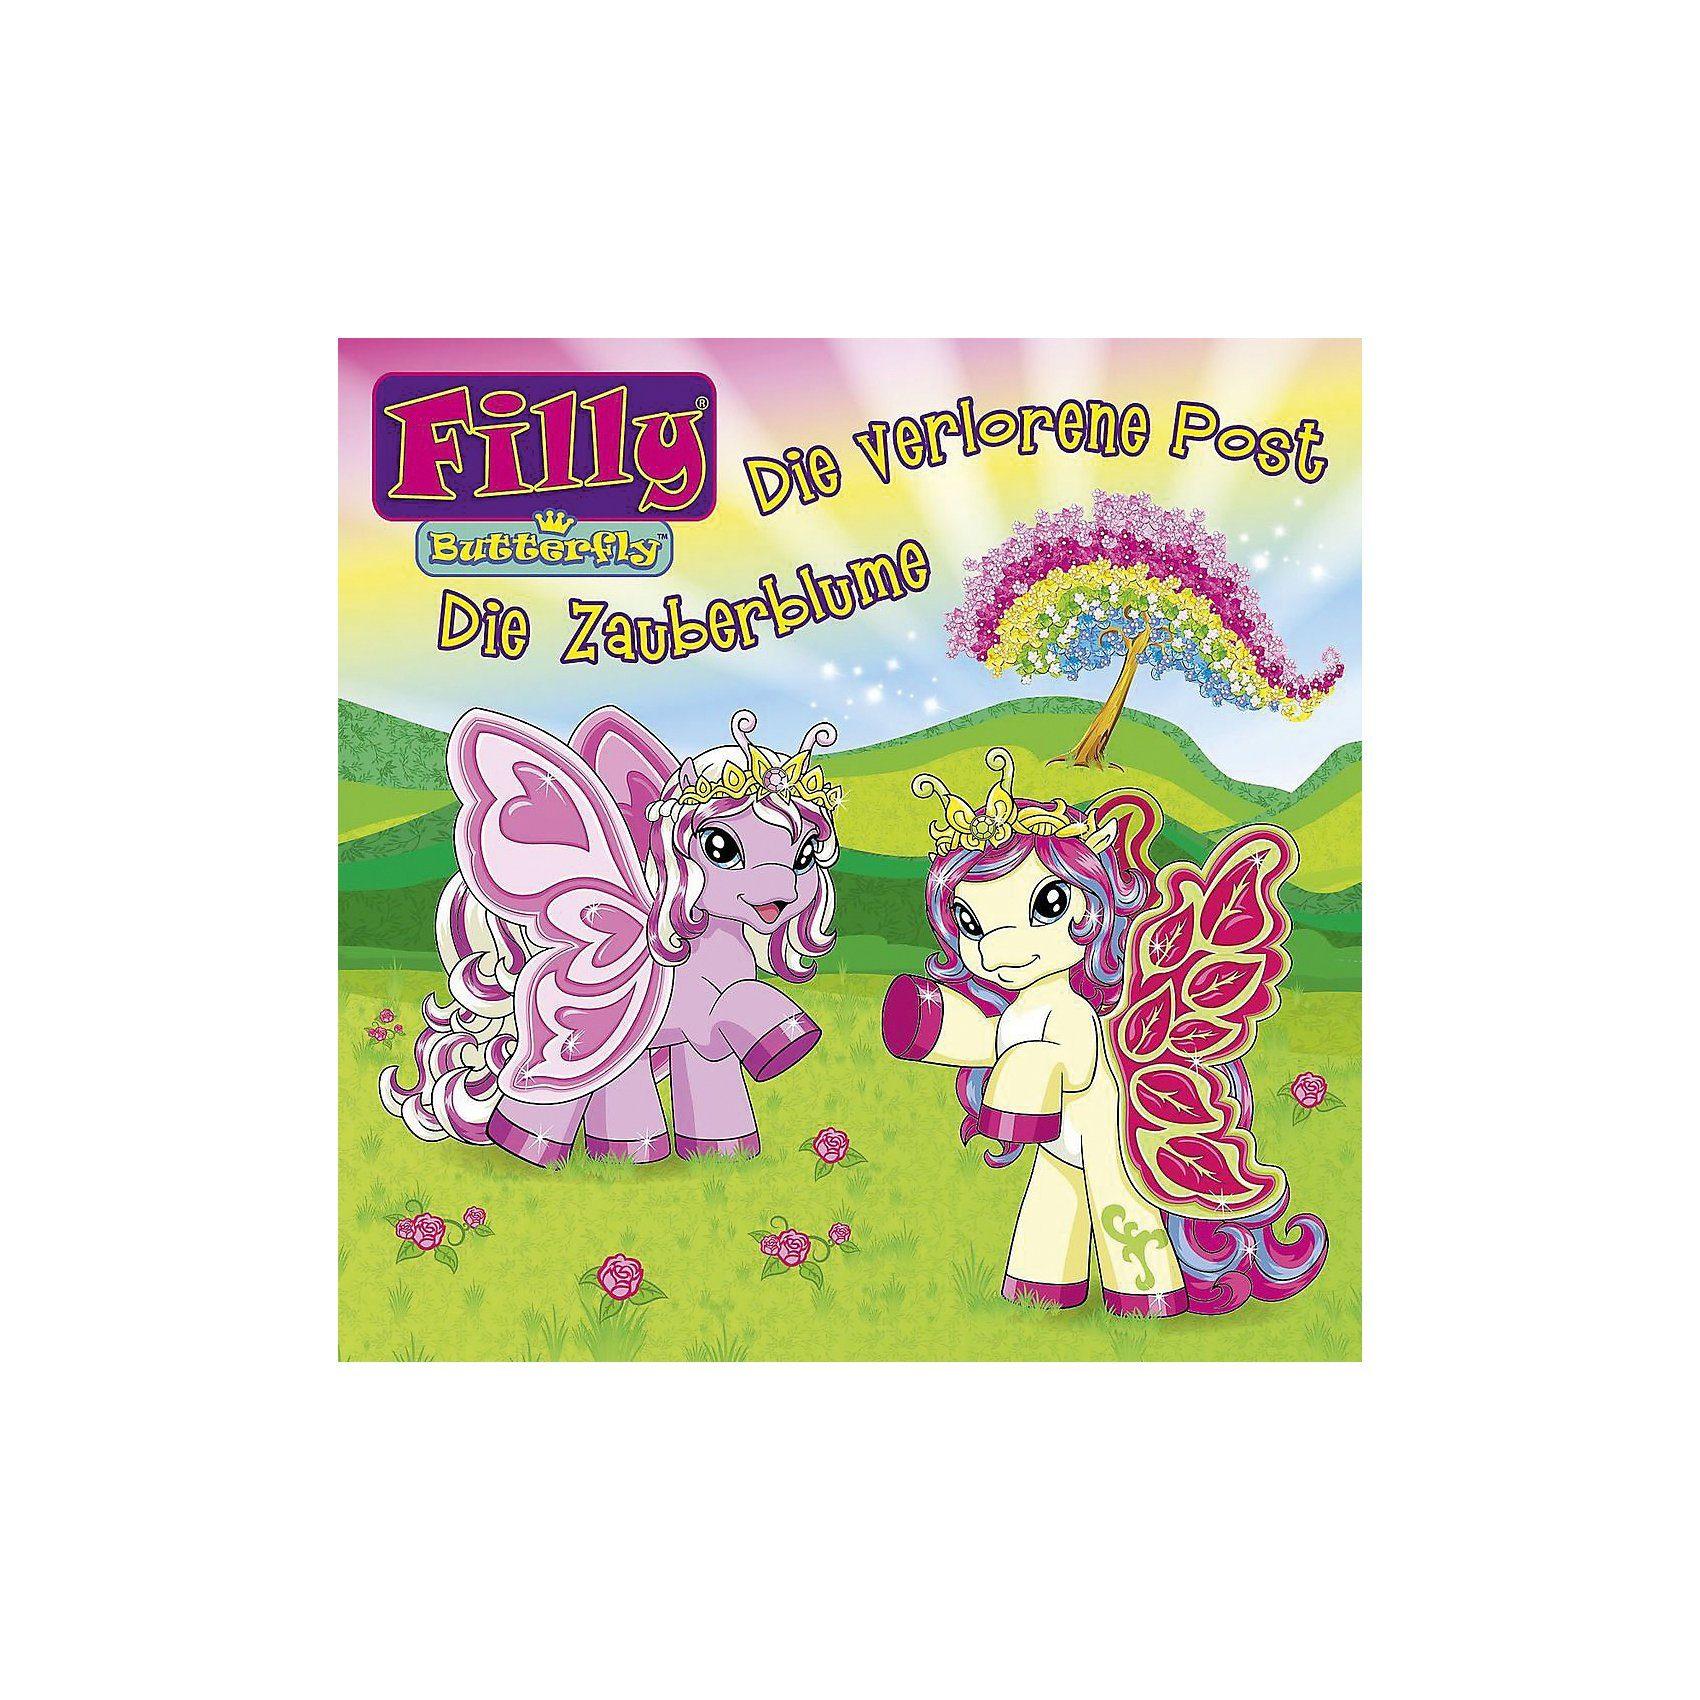 Universal CD Filly 02 - Die verlorene Post / Die Zauberblume